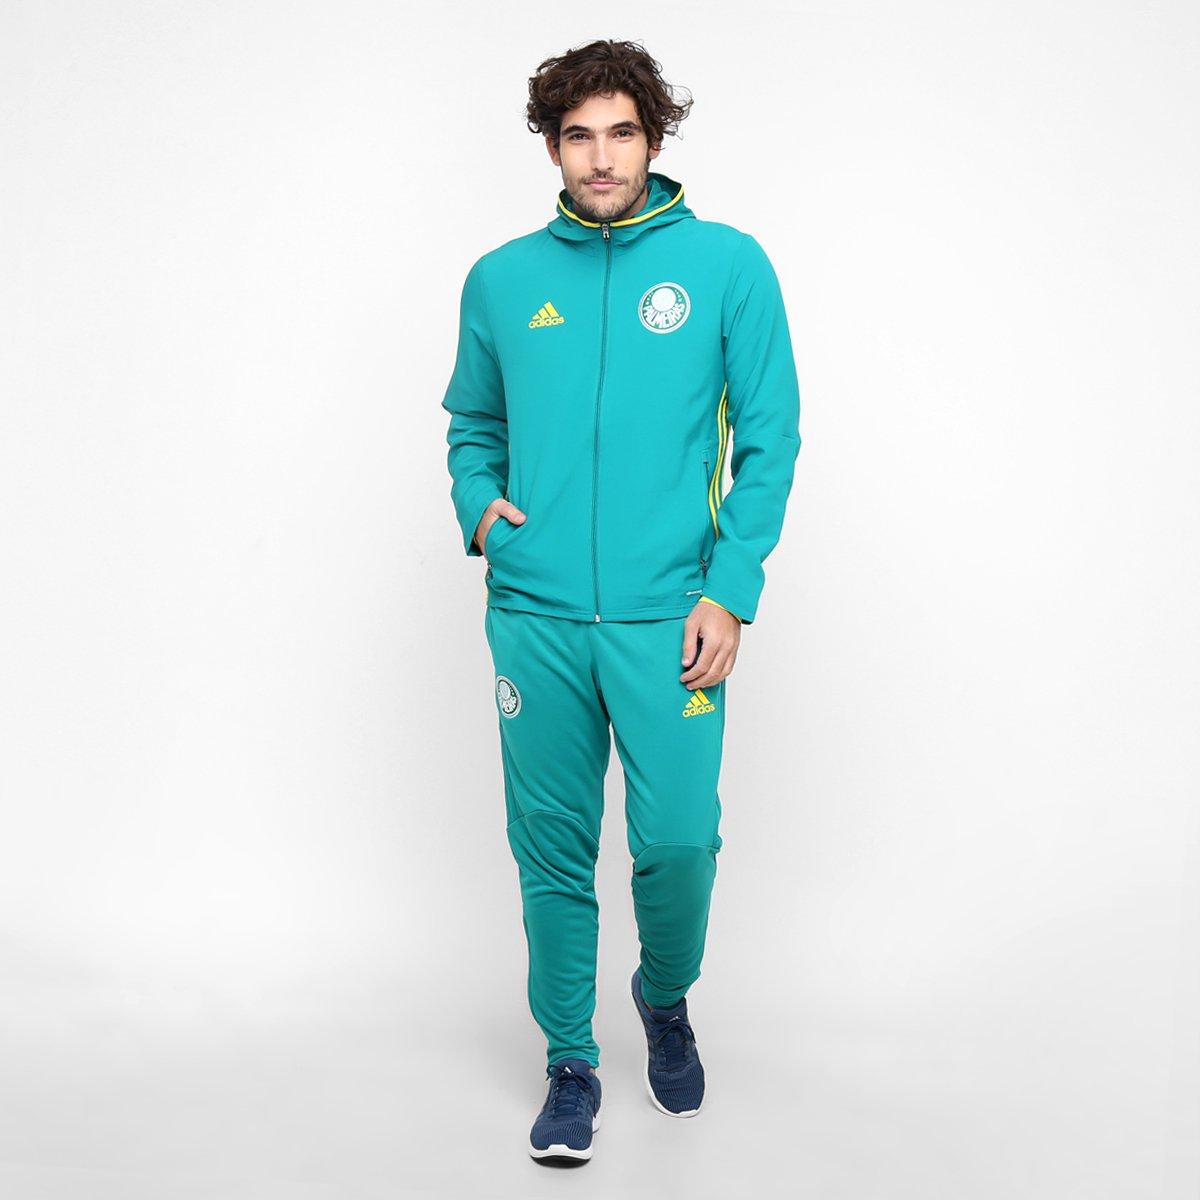 76ab7cc8fb15e Agasalho Adidas Palmeiras Viagem - Compre Agora